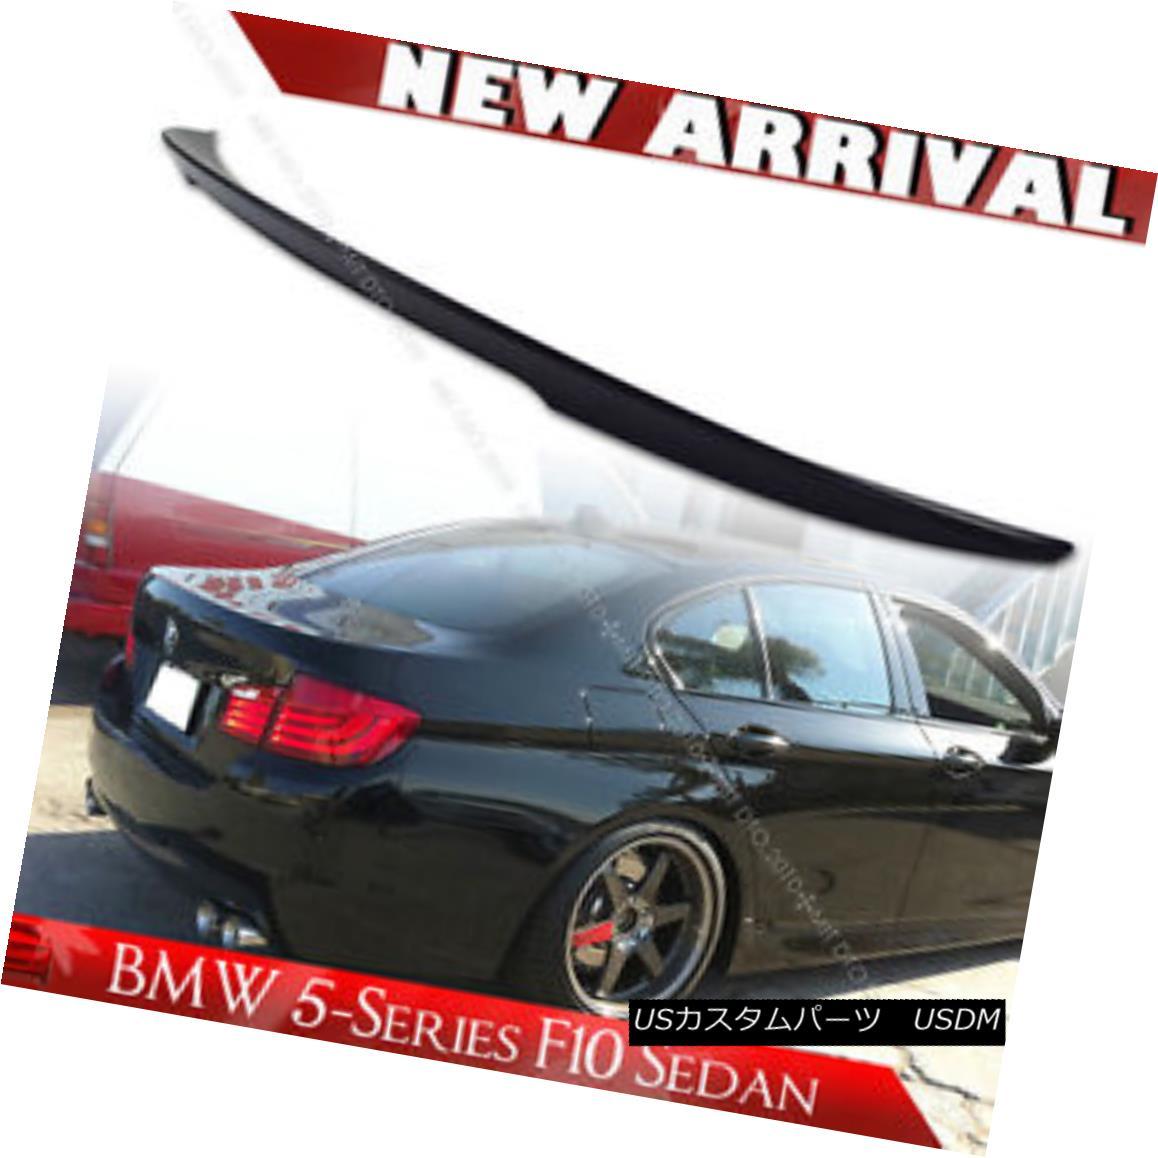 エアロパーツ Unpainted BMW 5-Series F10 High Kick Performance Trunk Spoiler 16 535d 未塗装のBMW 5シリーズF10ハイキックパフォーマンストランク・スポイラー16 535d